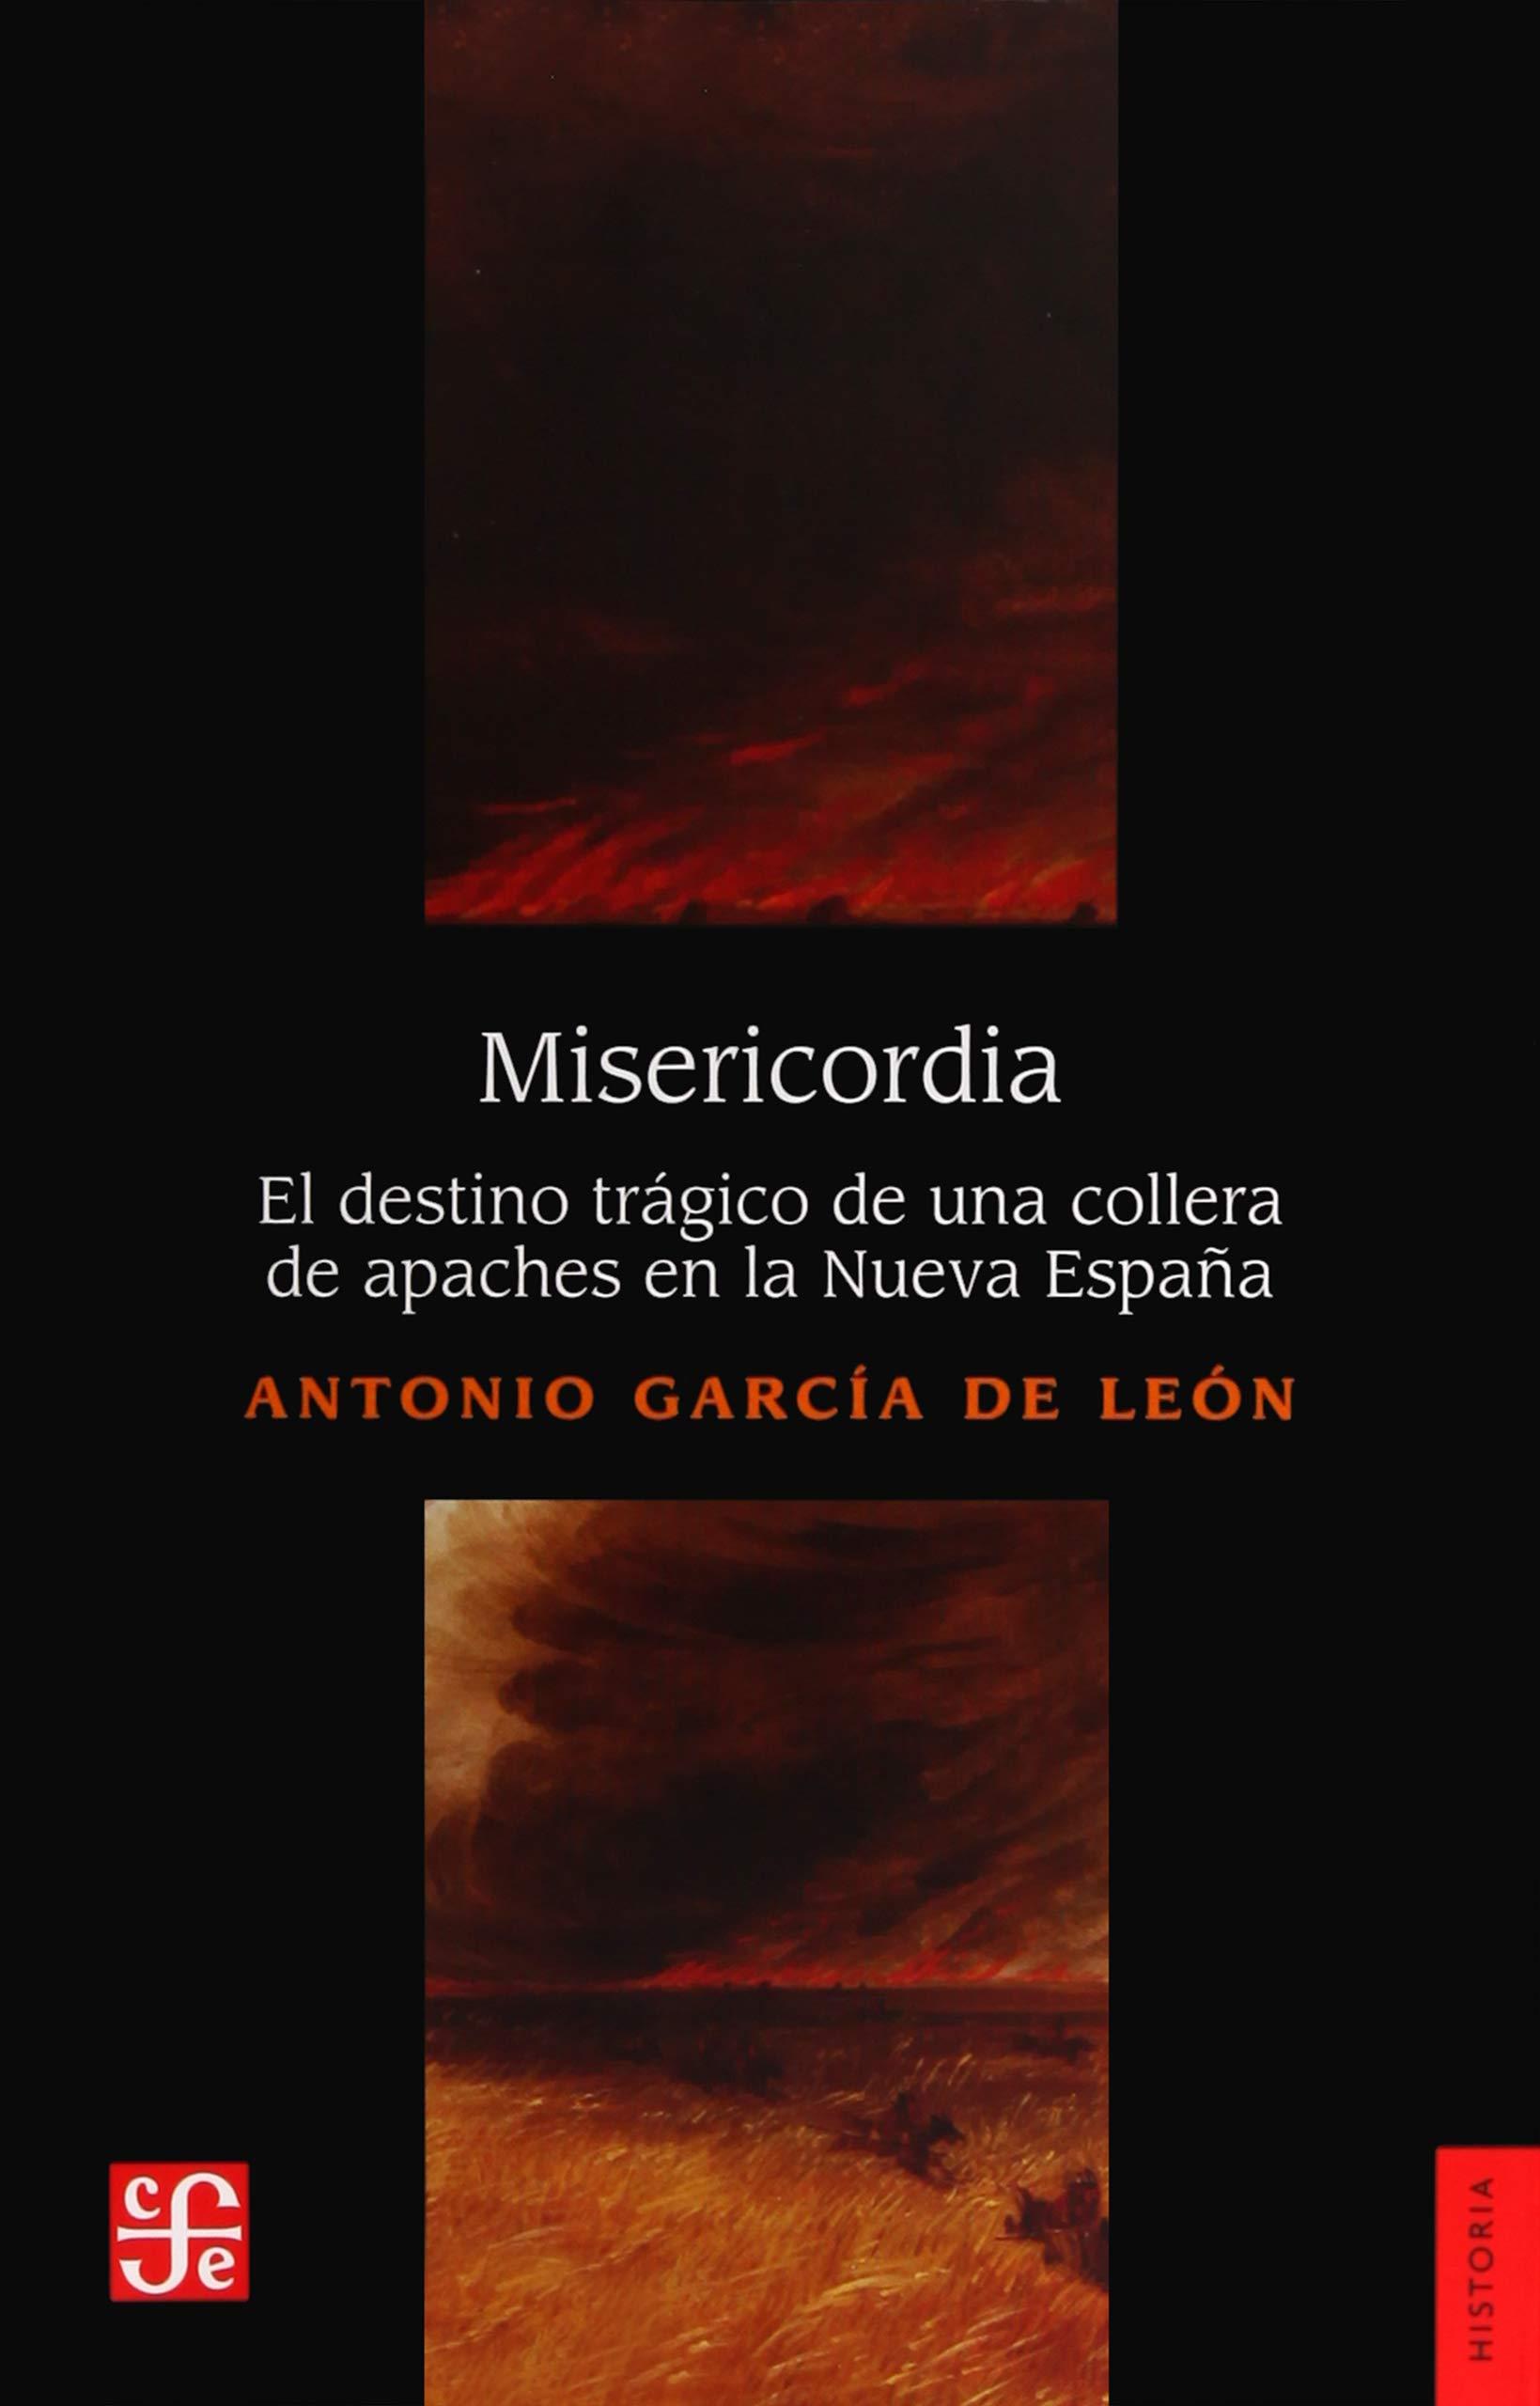 MISERICORDIA El destino trágico de una collera de apaches en la Nueva España Historia: Amazon.es: Garcia de Leon, Antonio: Libros